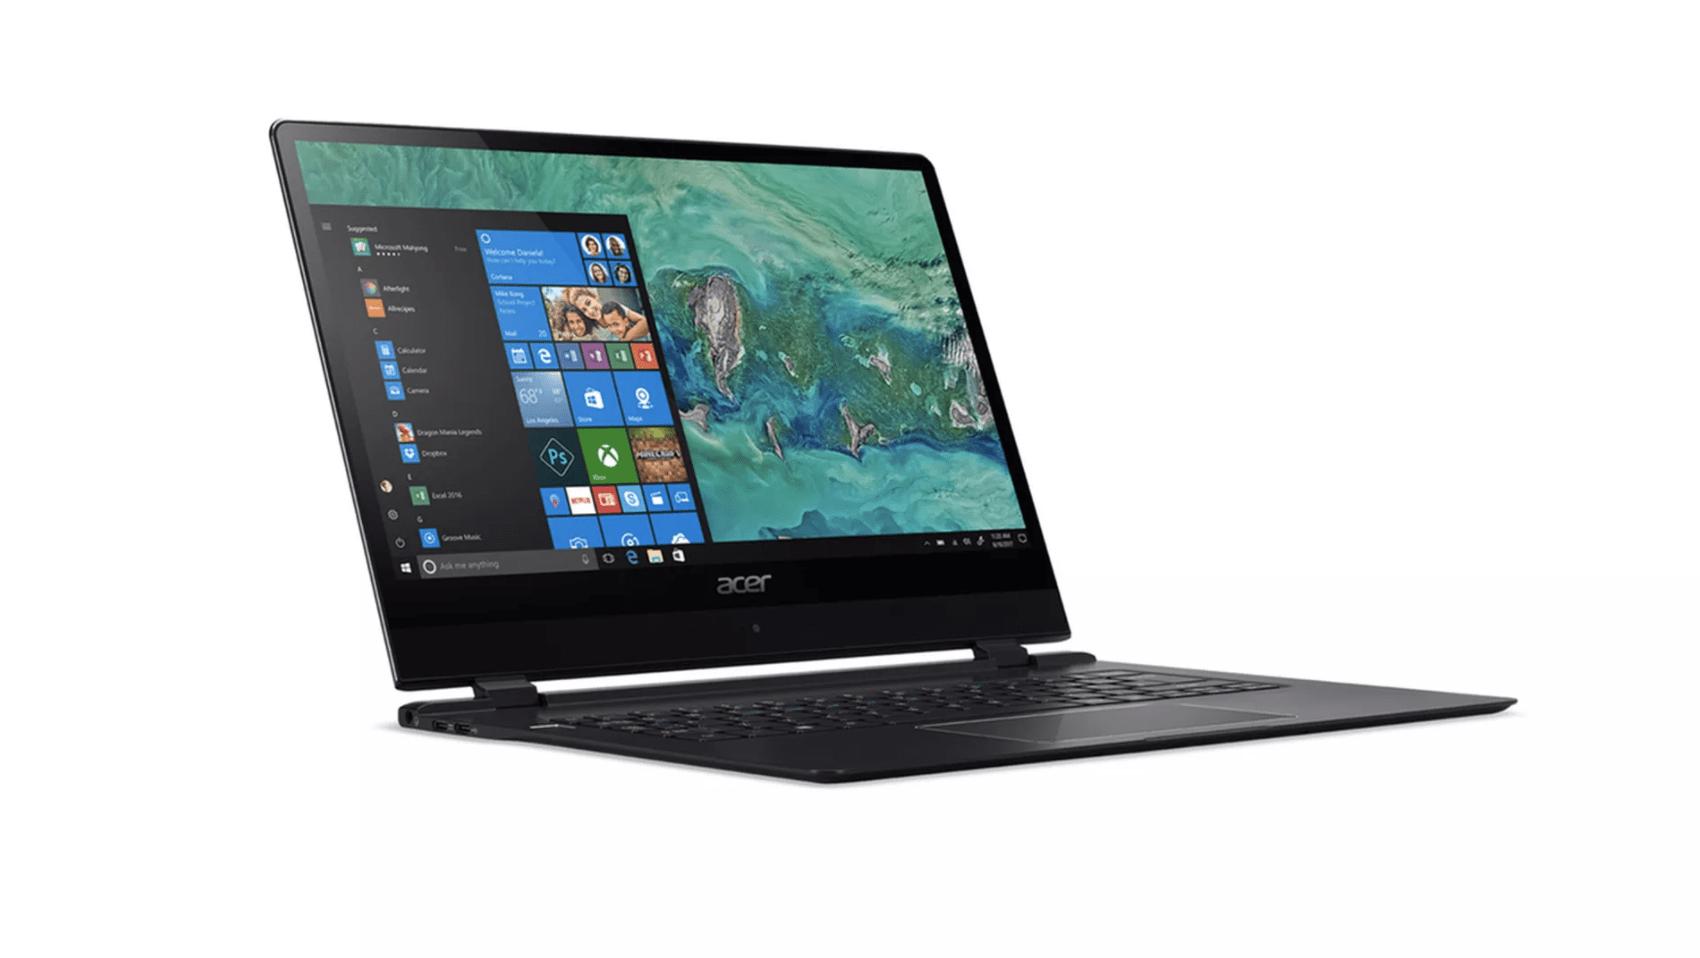 a5d24bdb69dbfd Dernier élément à noter   l ordinateur intègre une puce 4G LTE et fait donc  parti de la gamme de PC « always connected » si cher à Microsoft.